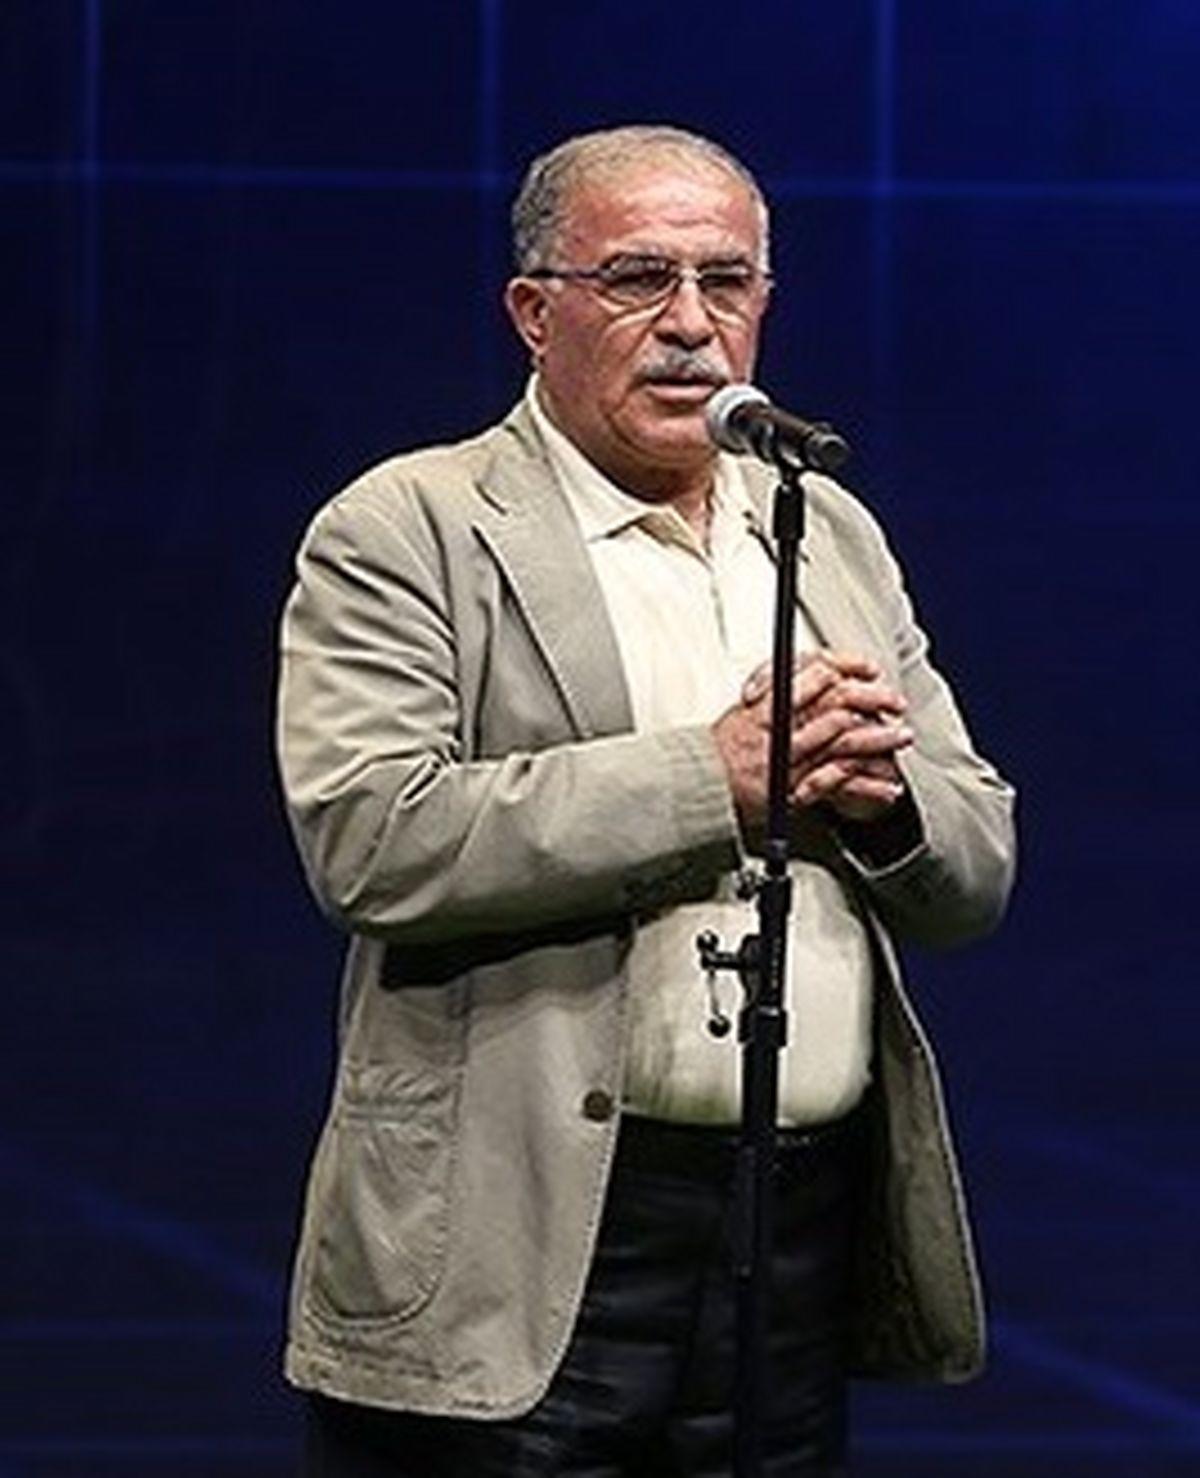 ریاست فدراسیون فوتبال به علی کریمی نمی رسد!+جزئیات خبر